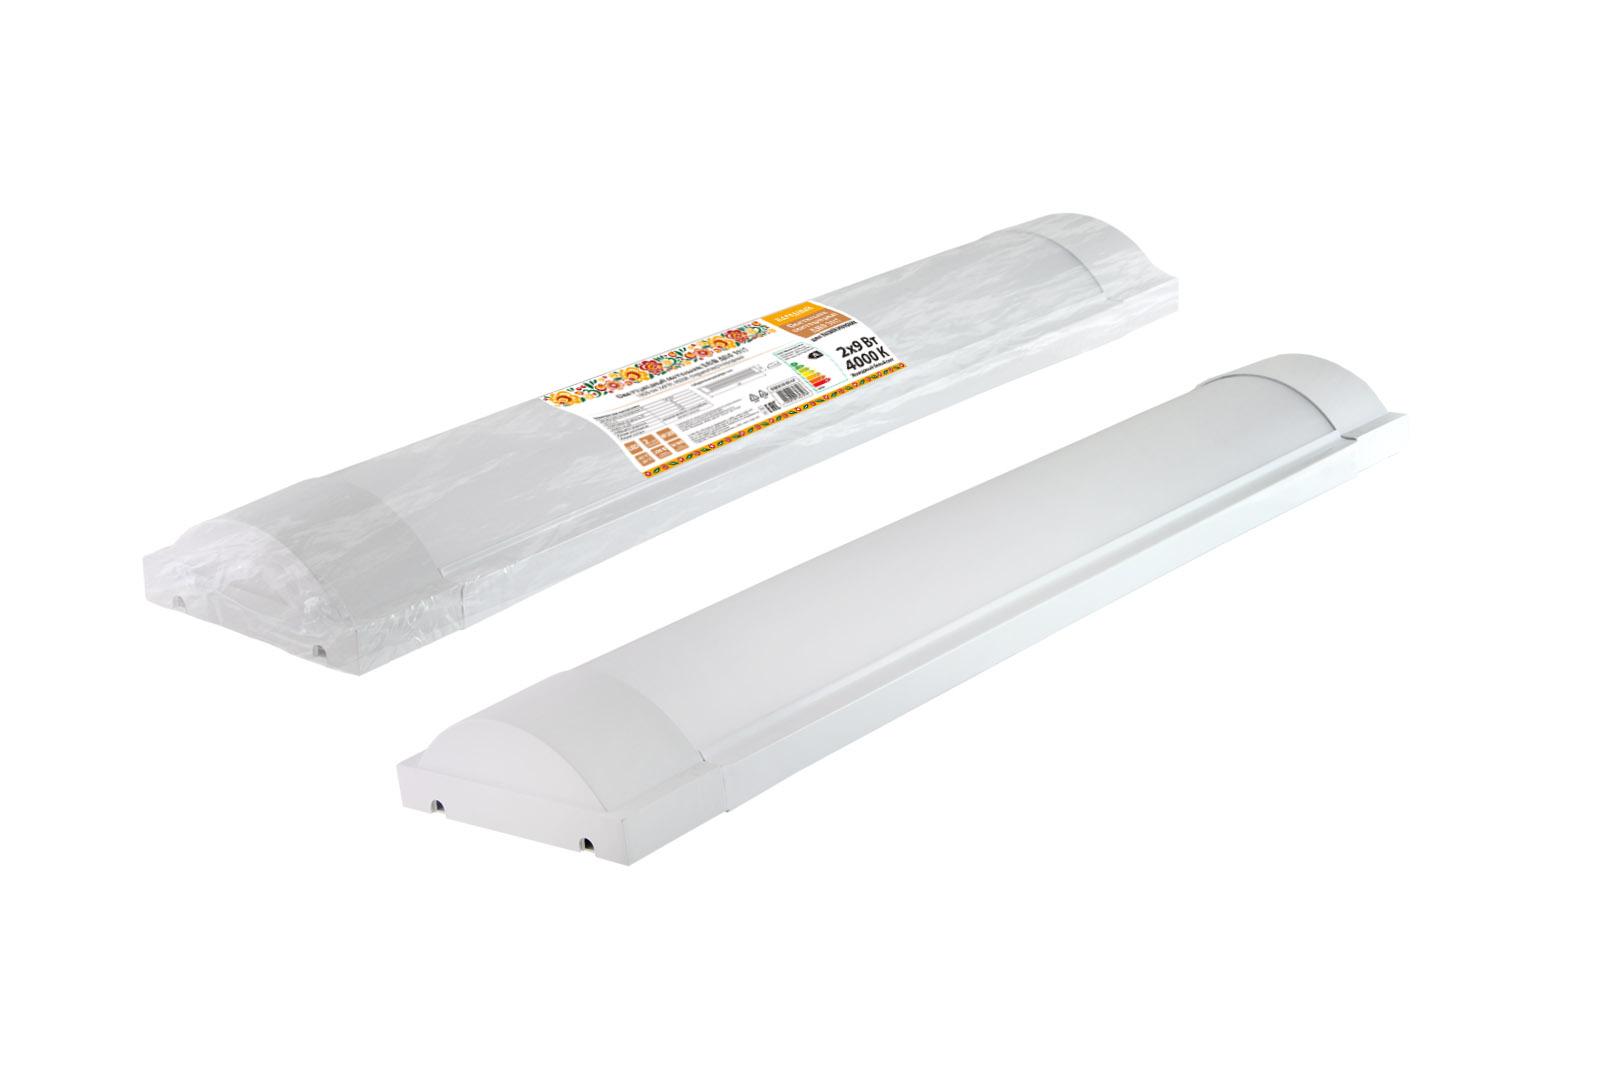 Фото Светодиодный светильник LED ДПО 3017 1800 лм 2х9 Вт, 4000К (термопак) Народный {SQ0329-0147}